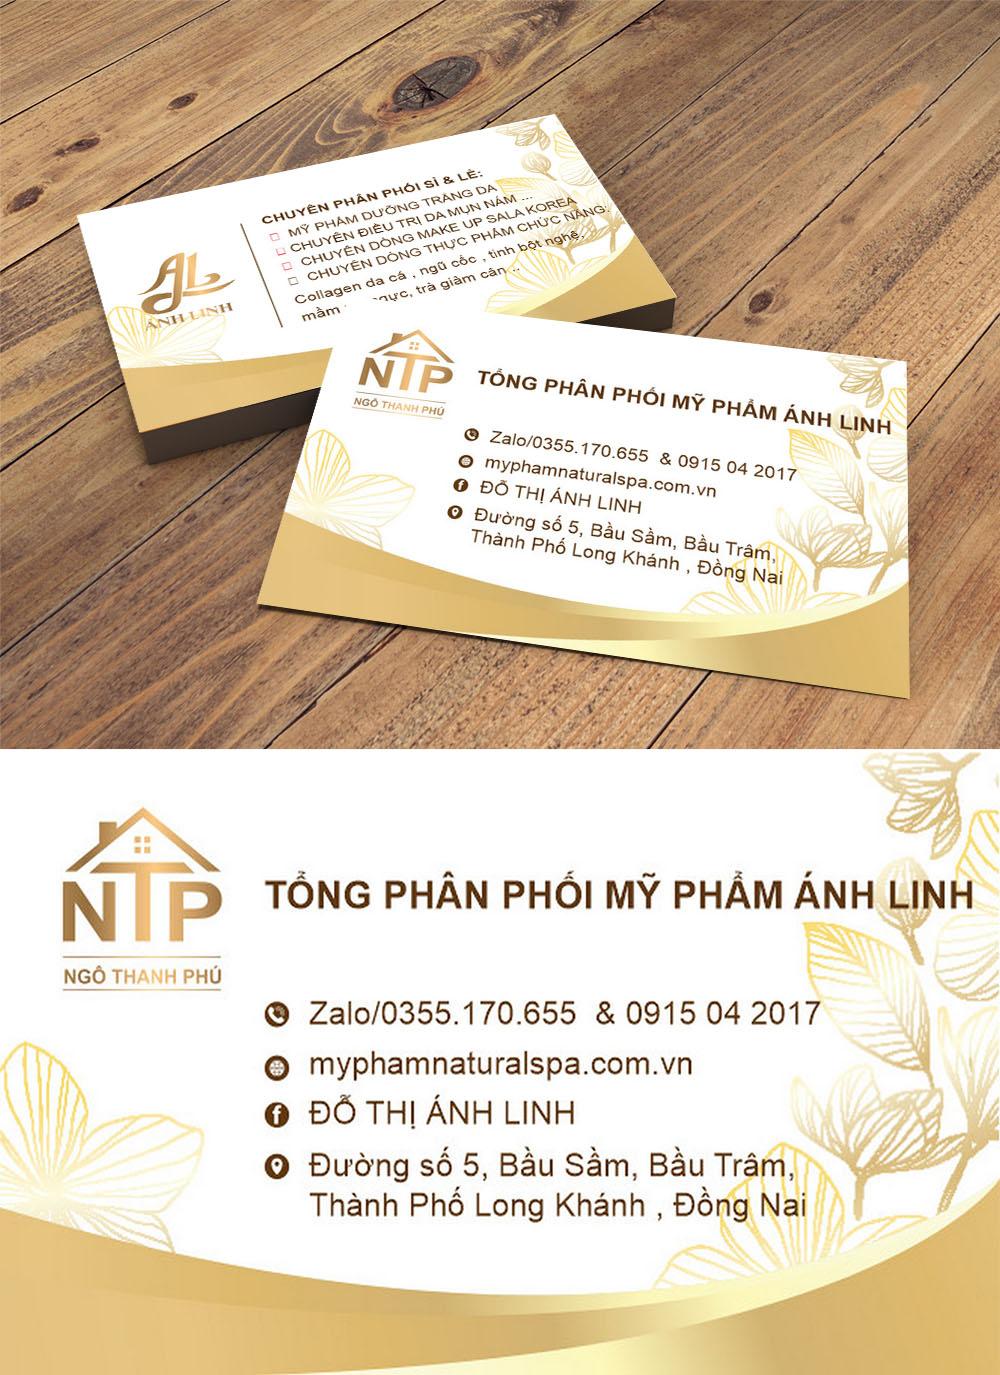 Mẫu danh thiếp namecard phân phối mĩ phẩm ánh linh